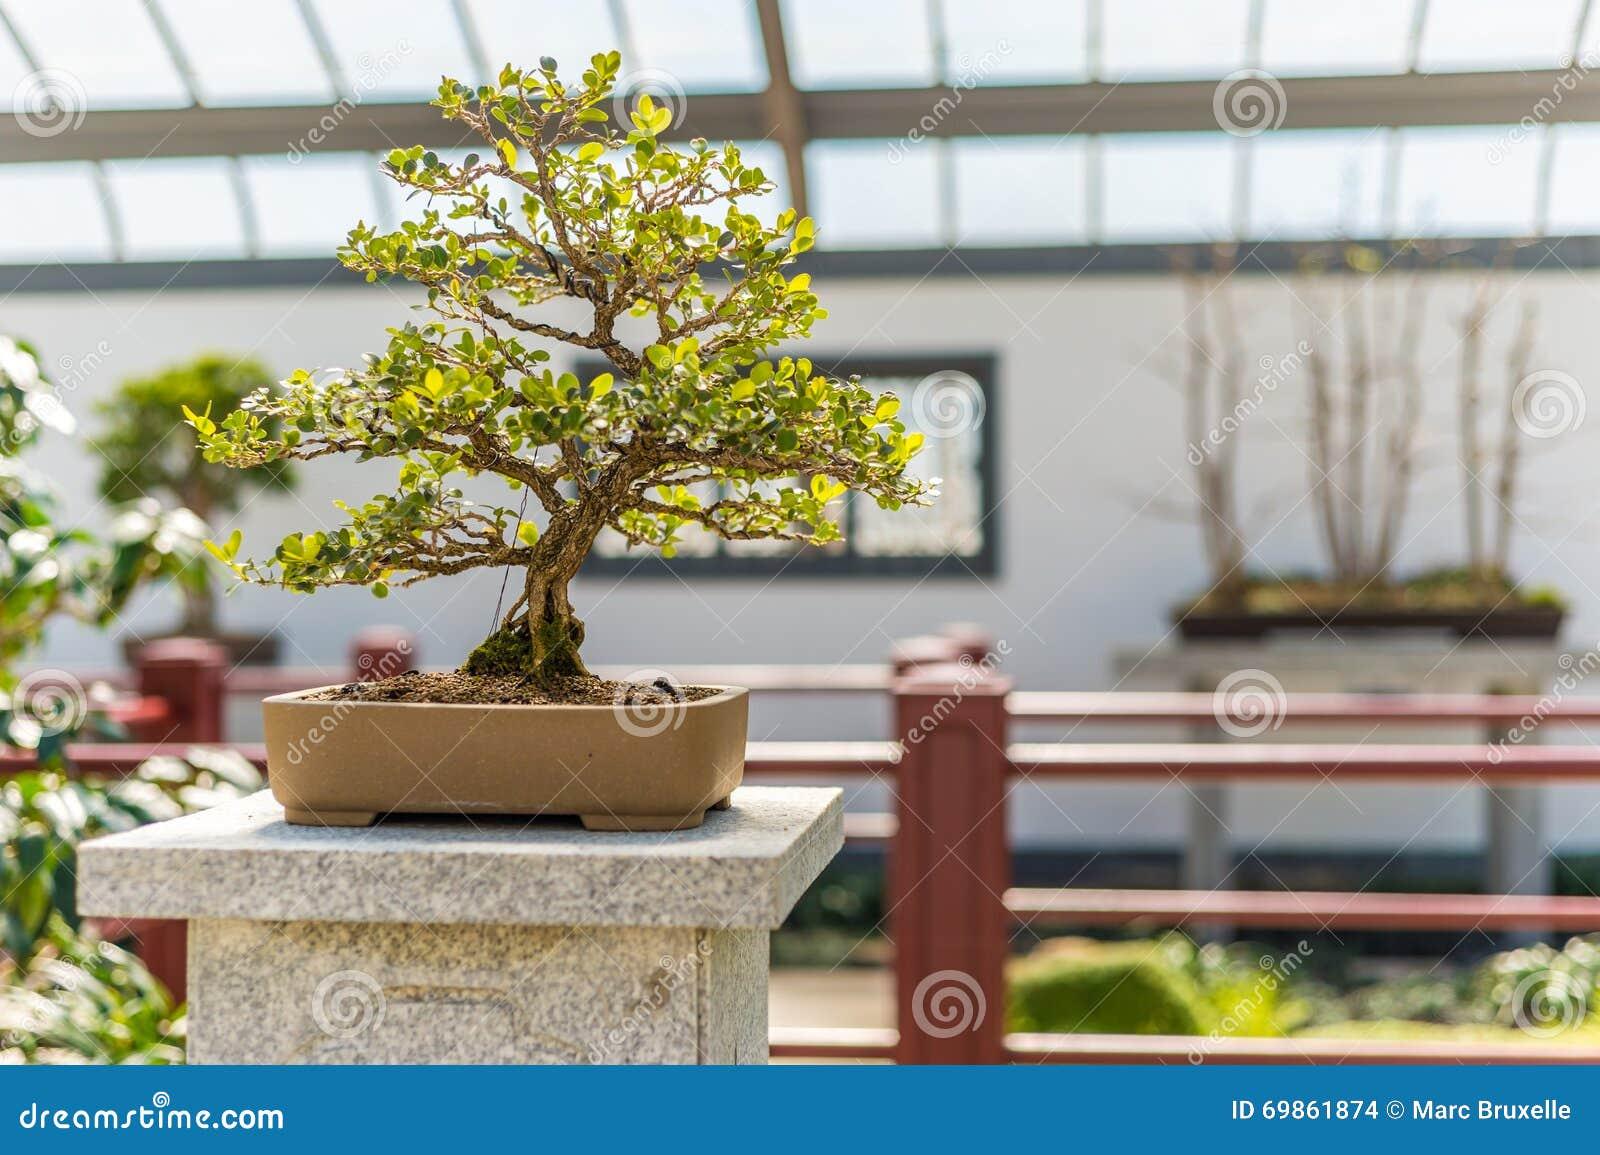 Chinese Buxus Bonsai Pseudotetanus Ifacemodern Site